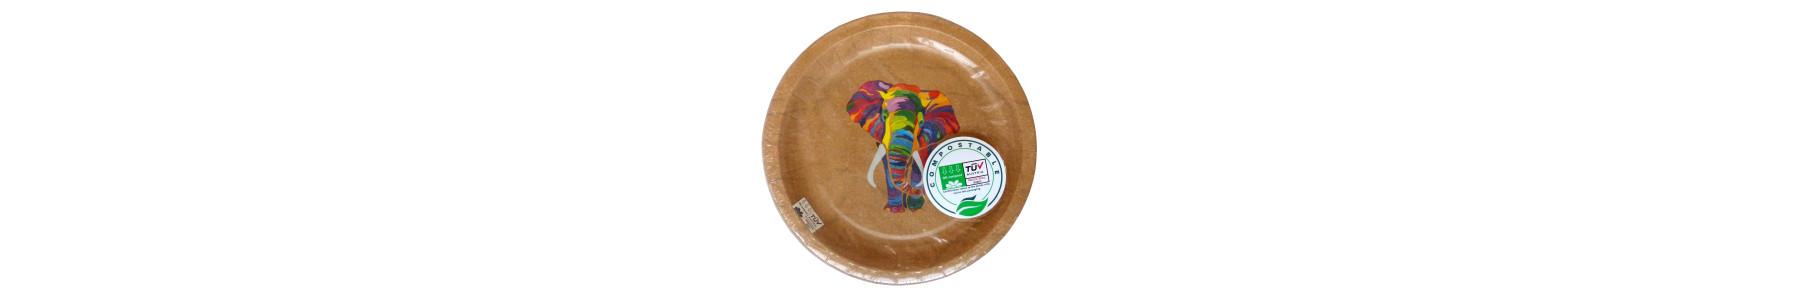 Articole party Elefant